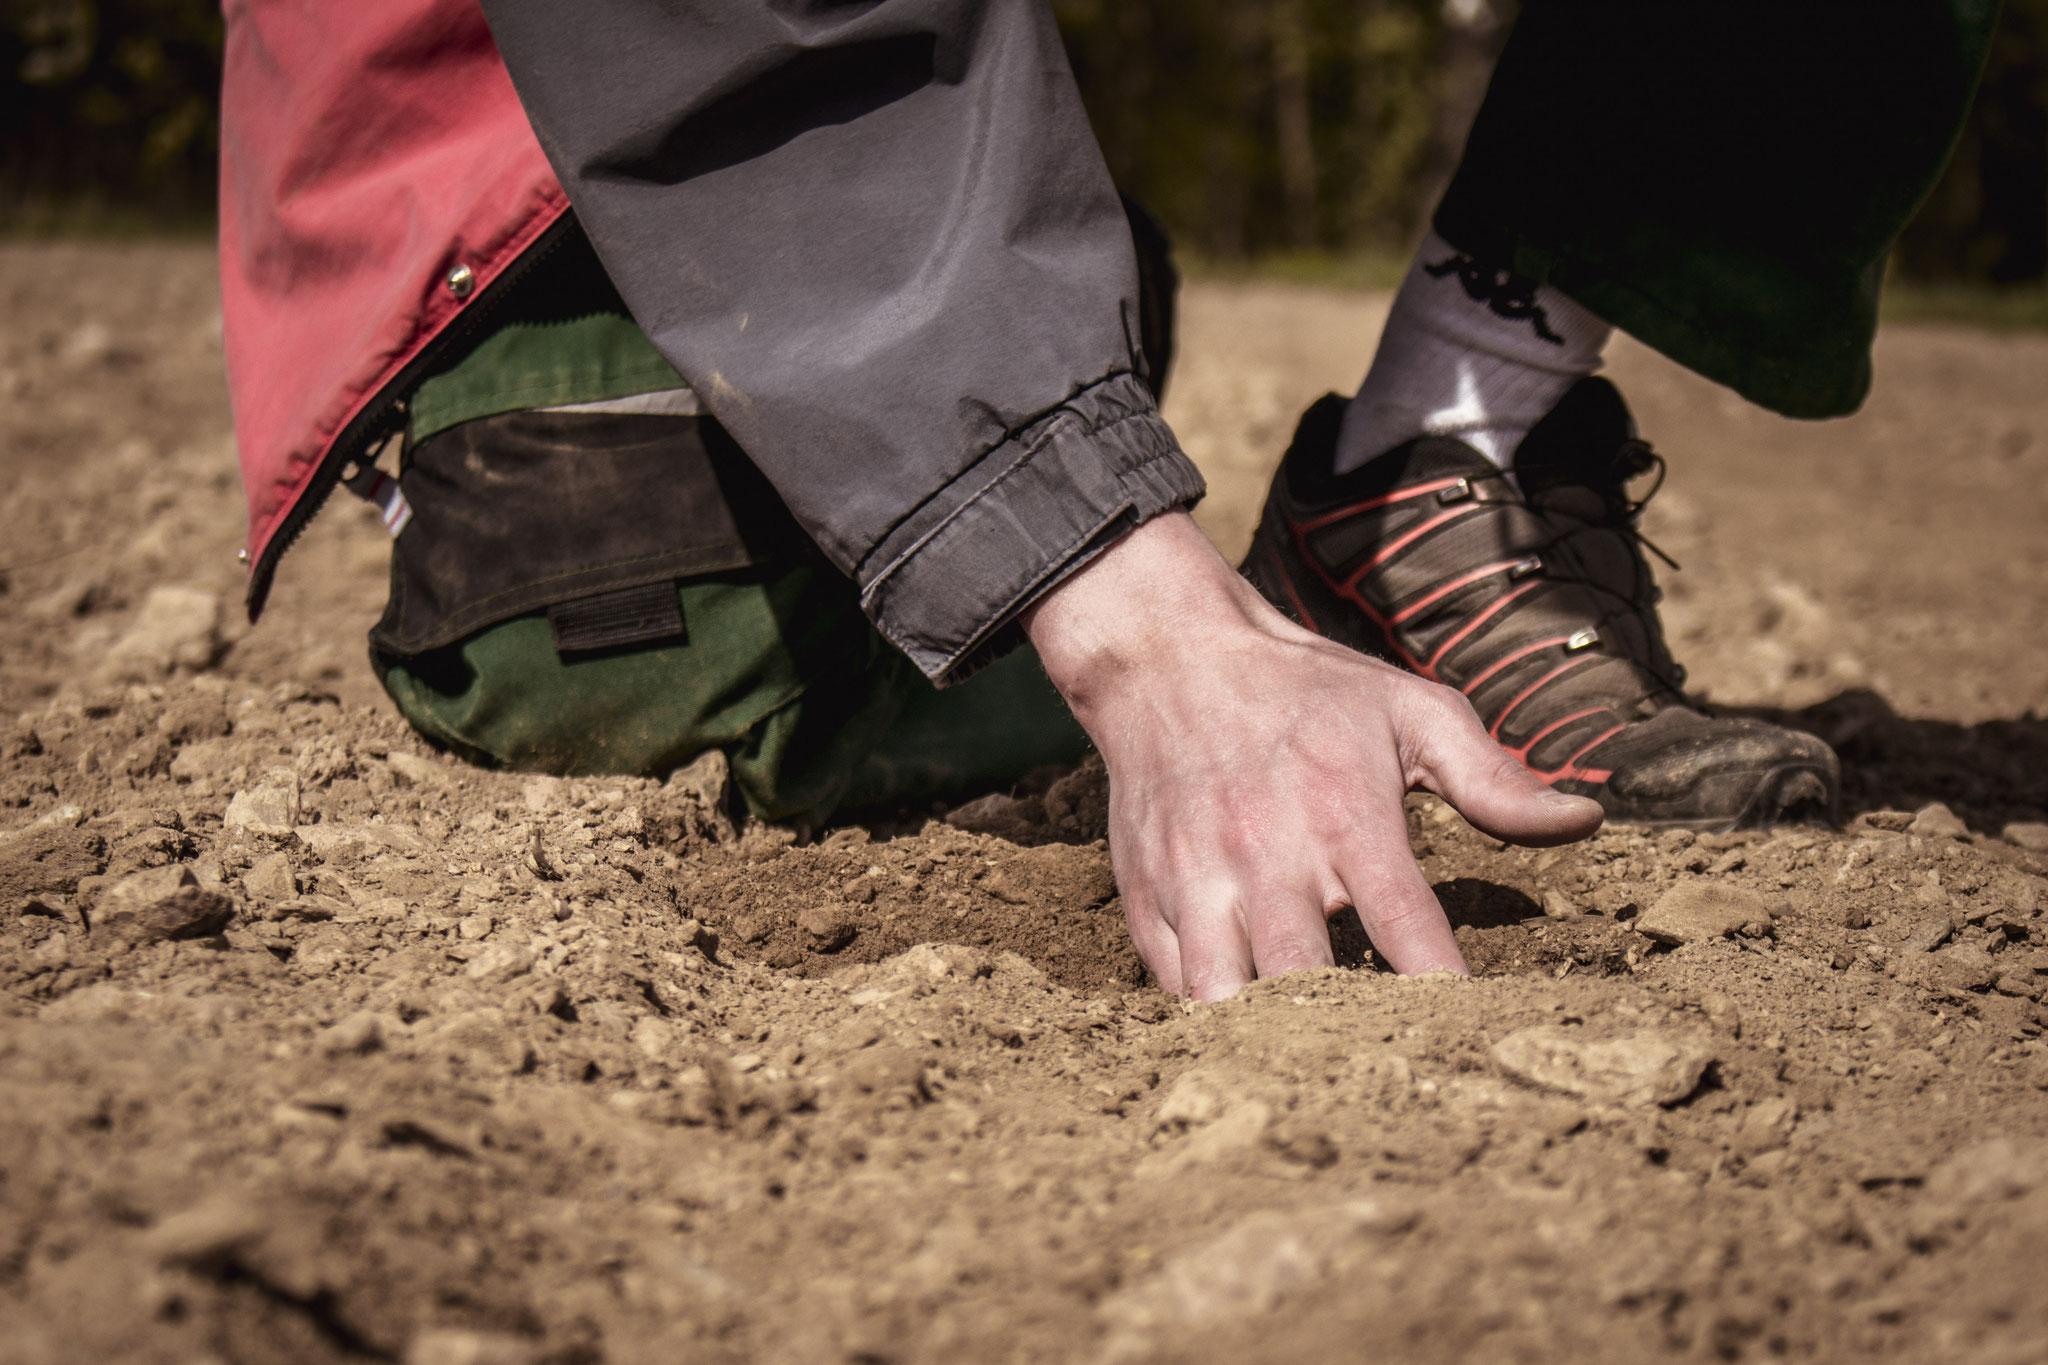 Der Boden ist die Grundlage unseres Wirtschaftens. Seine Gesundheit und Fruchtbarkeit ist für uns von besonderer Bedeutung.